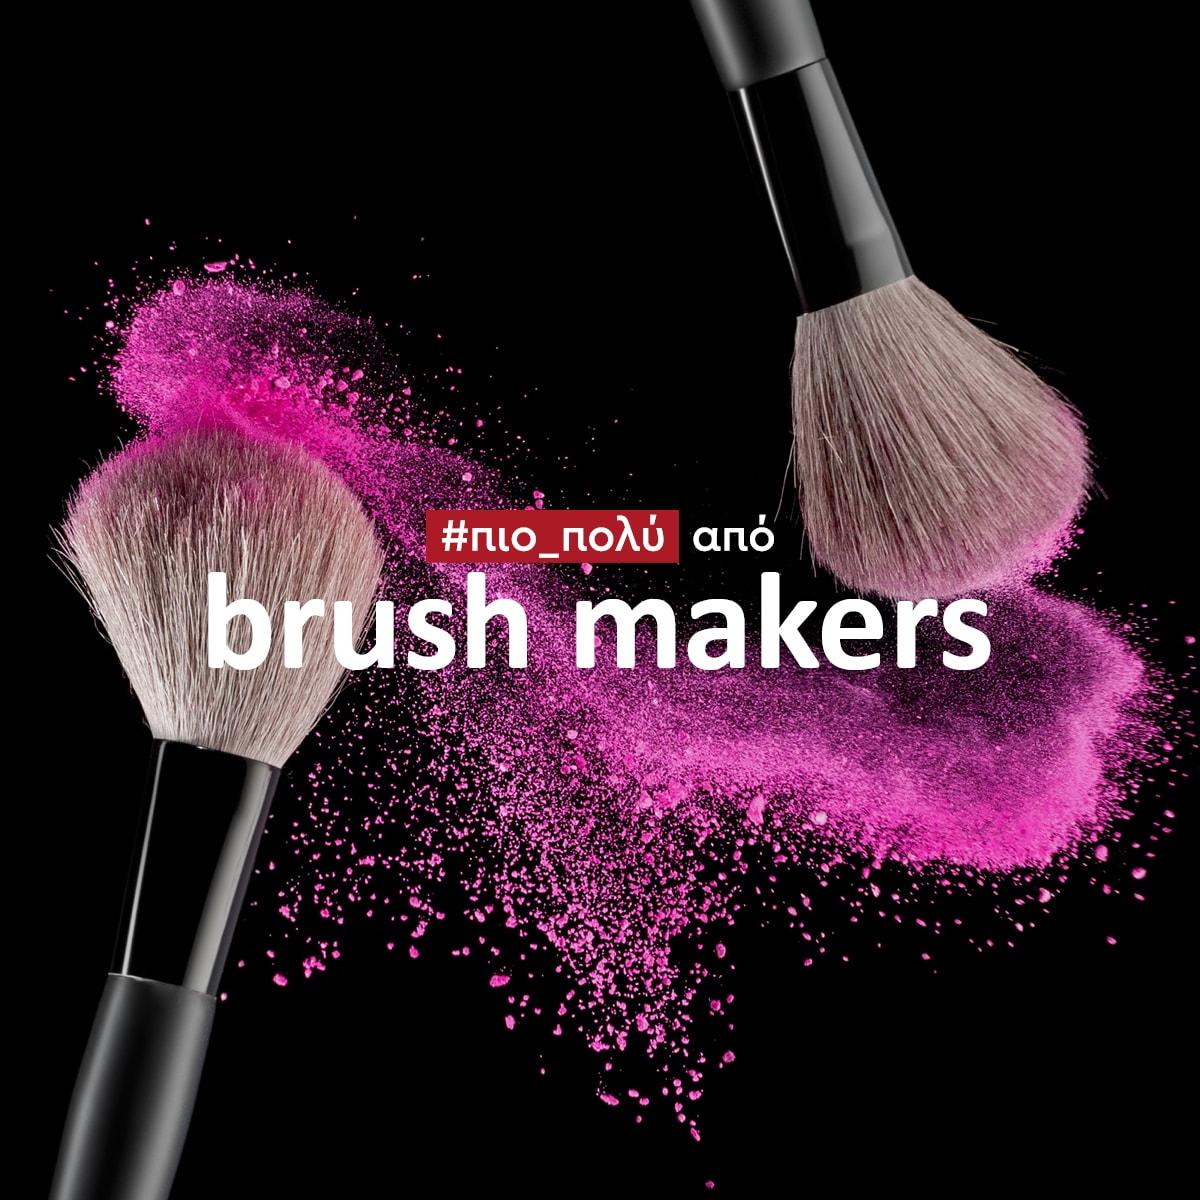 Πόσο συχνά καθαρίζεις τα πινέλα του μακιγιάζ σου; Ευκαιρία να το κάνεις τώρα!